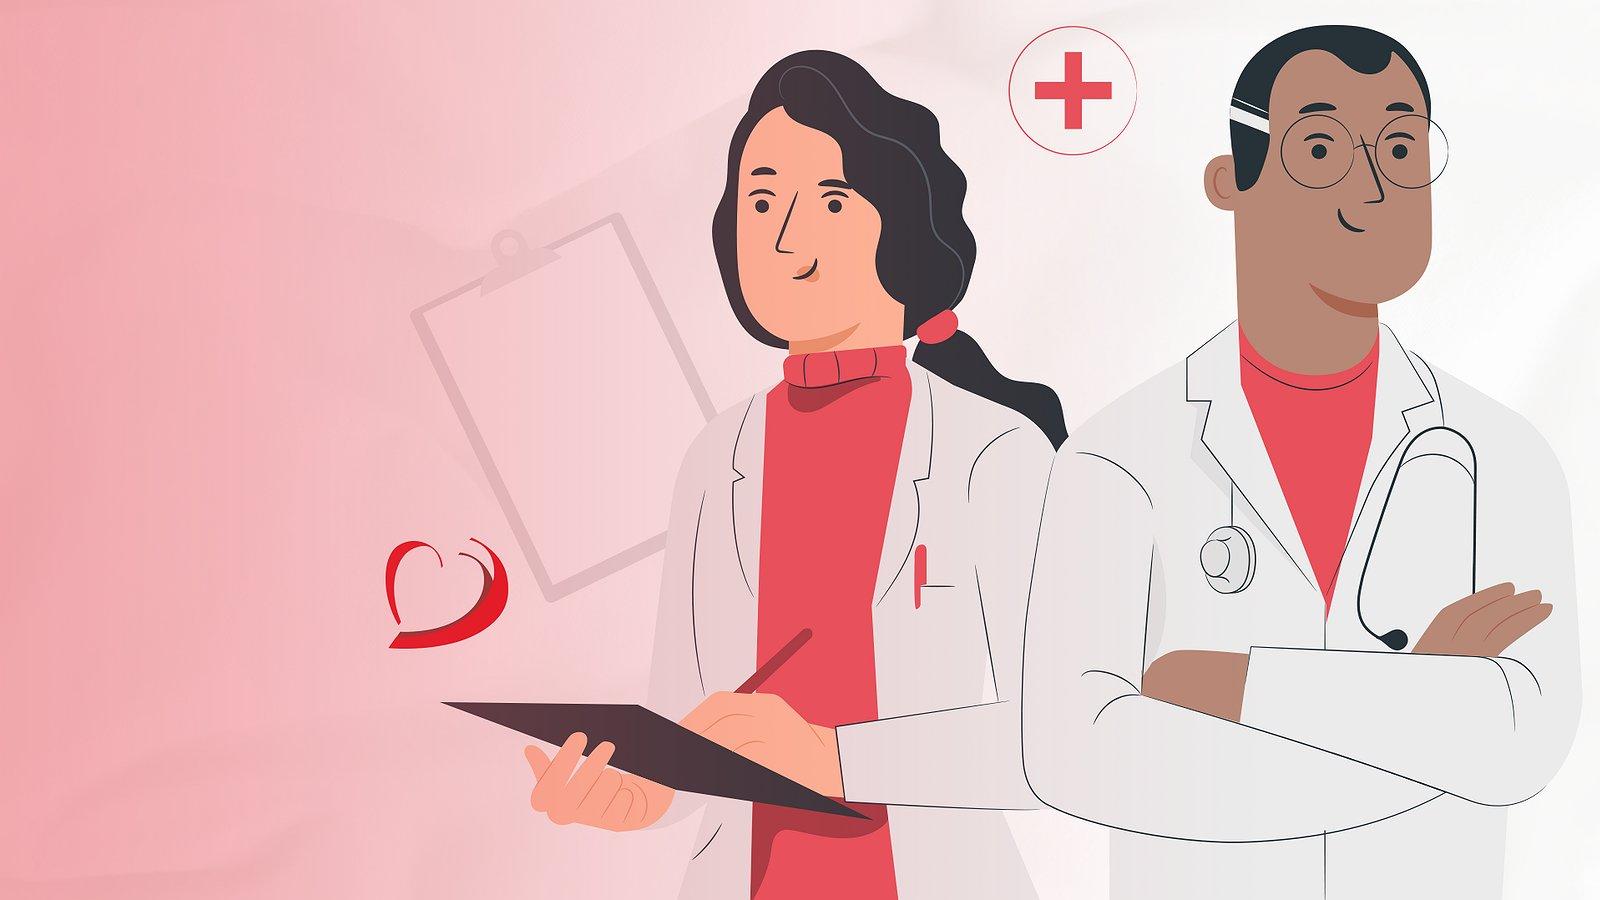 Parabéns aos médicos por exercerem a profissão com excelência!